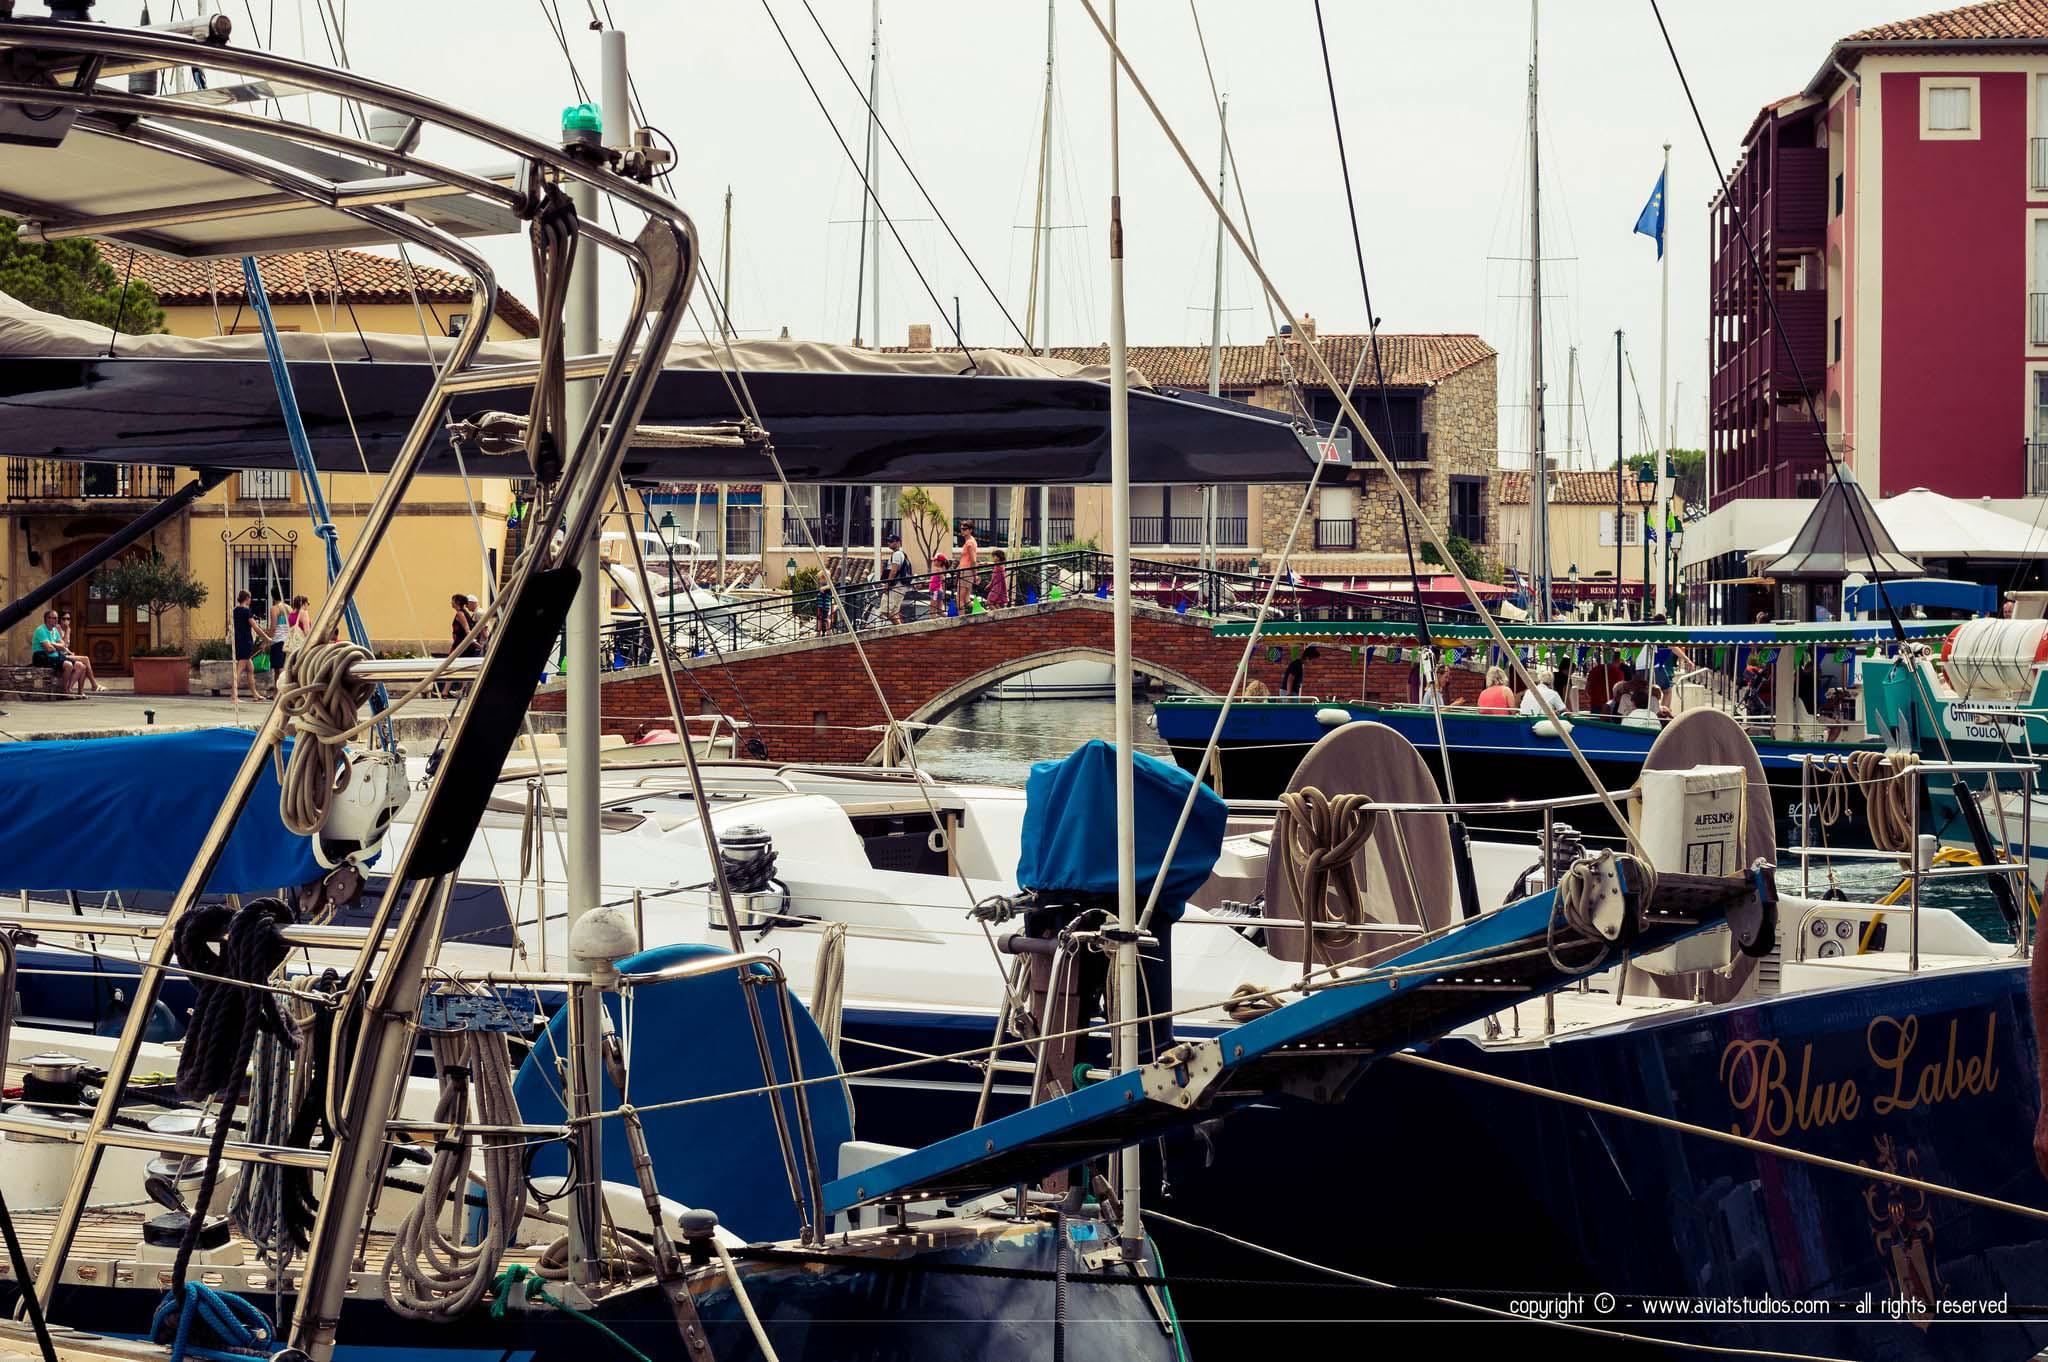 Une journée ensoleillée à Grimaud & Port-Grimaud, Var